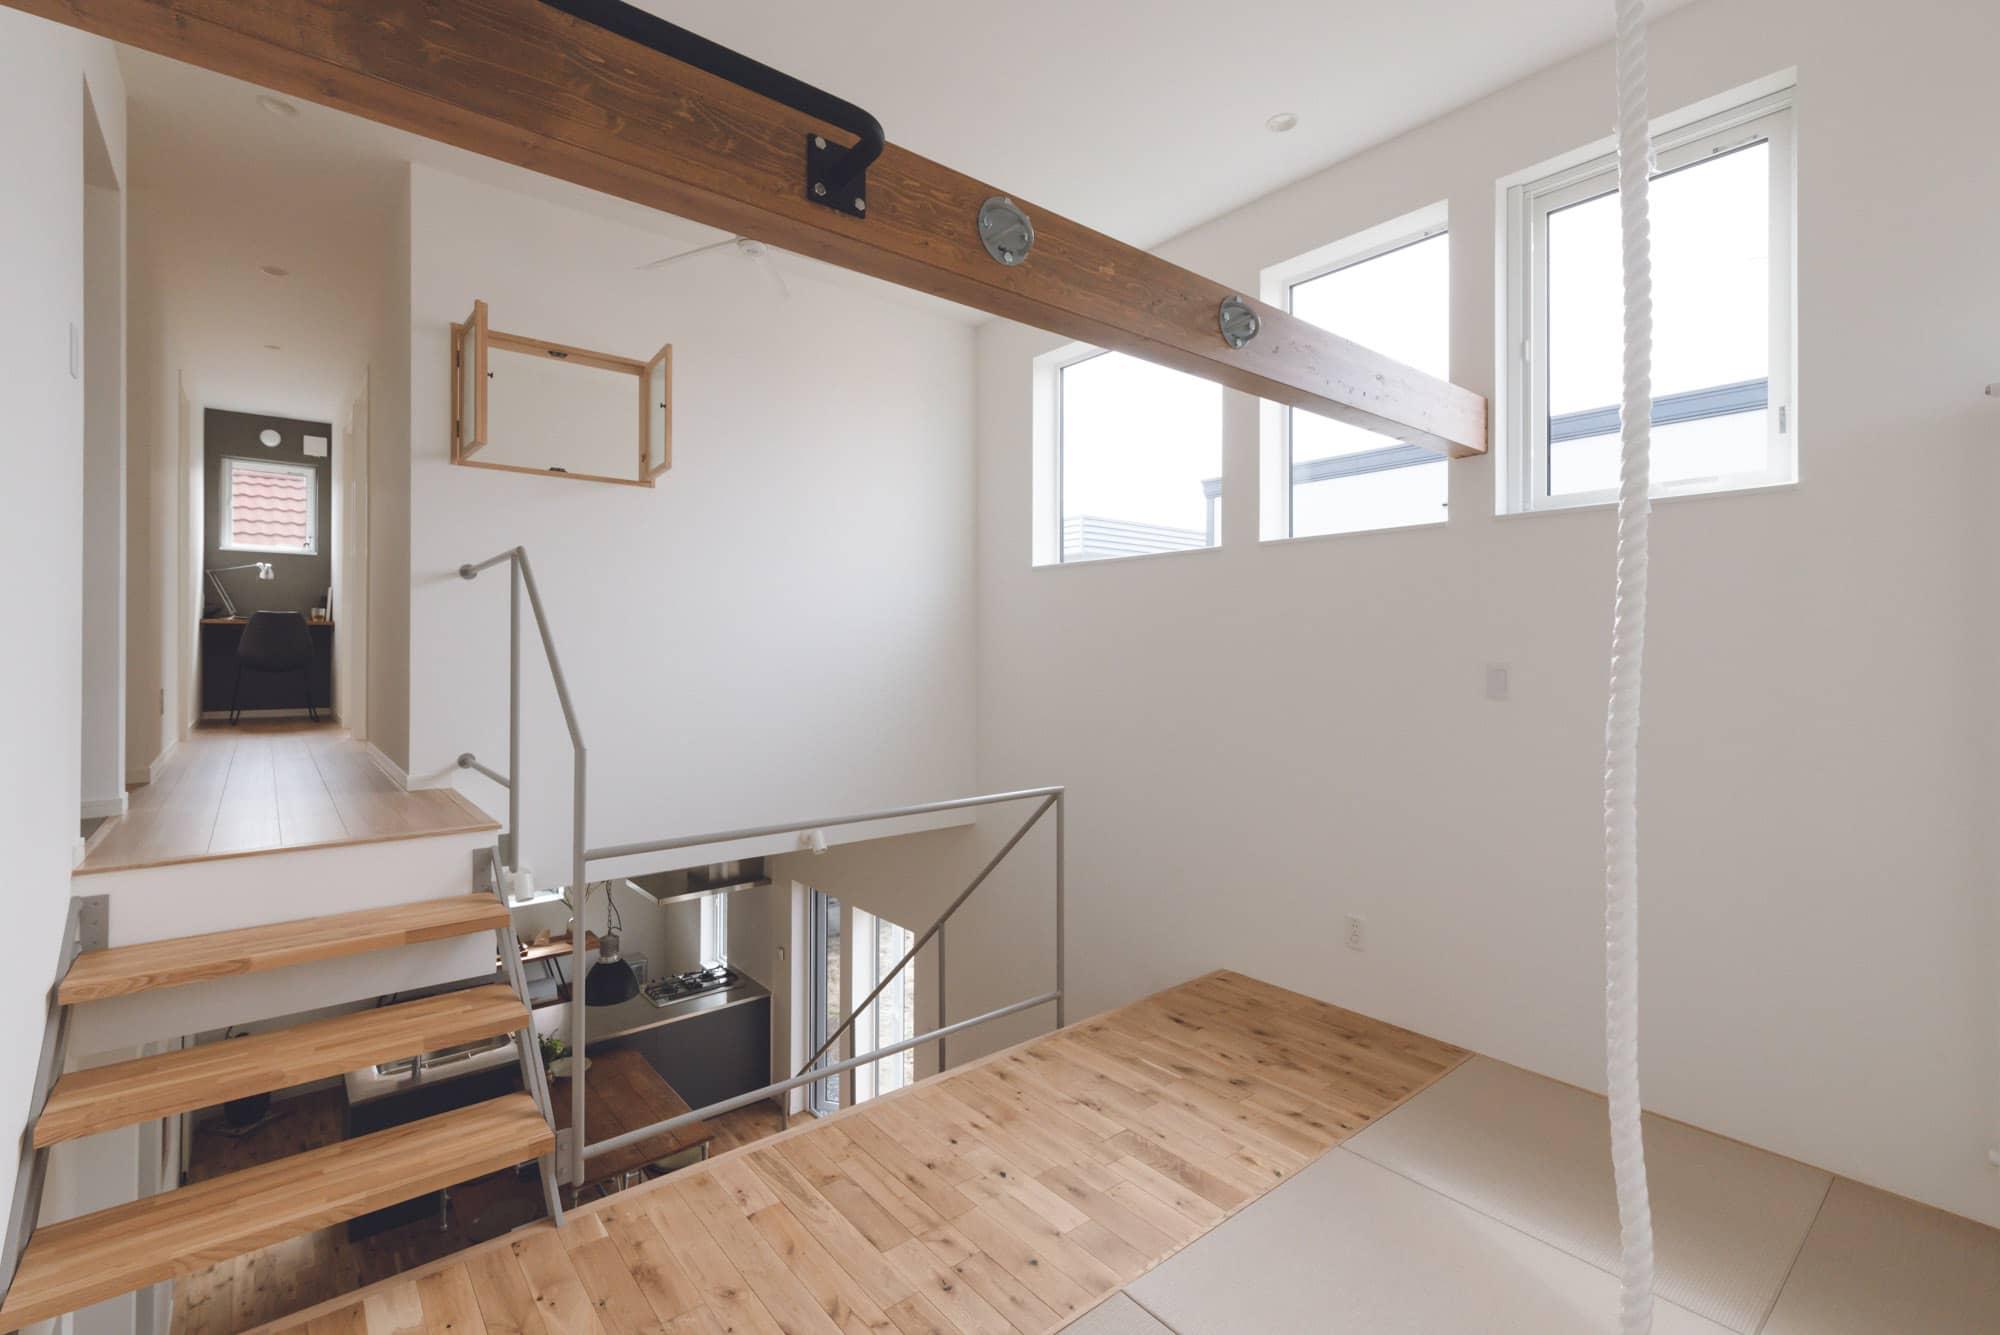 新築注文住宅事例「NEST」を公開しました